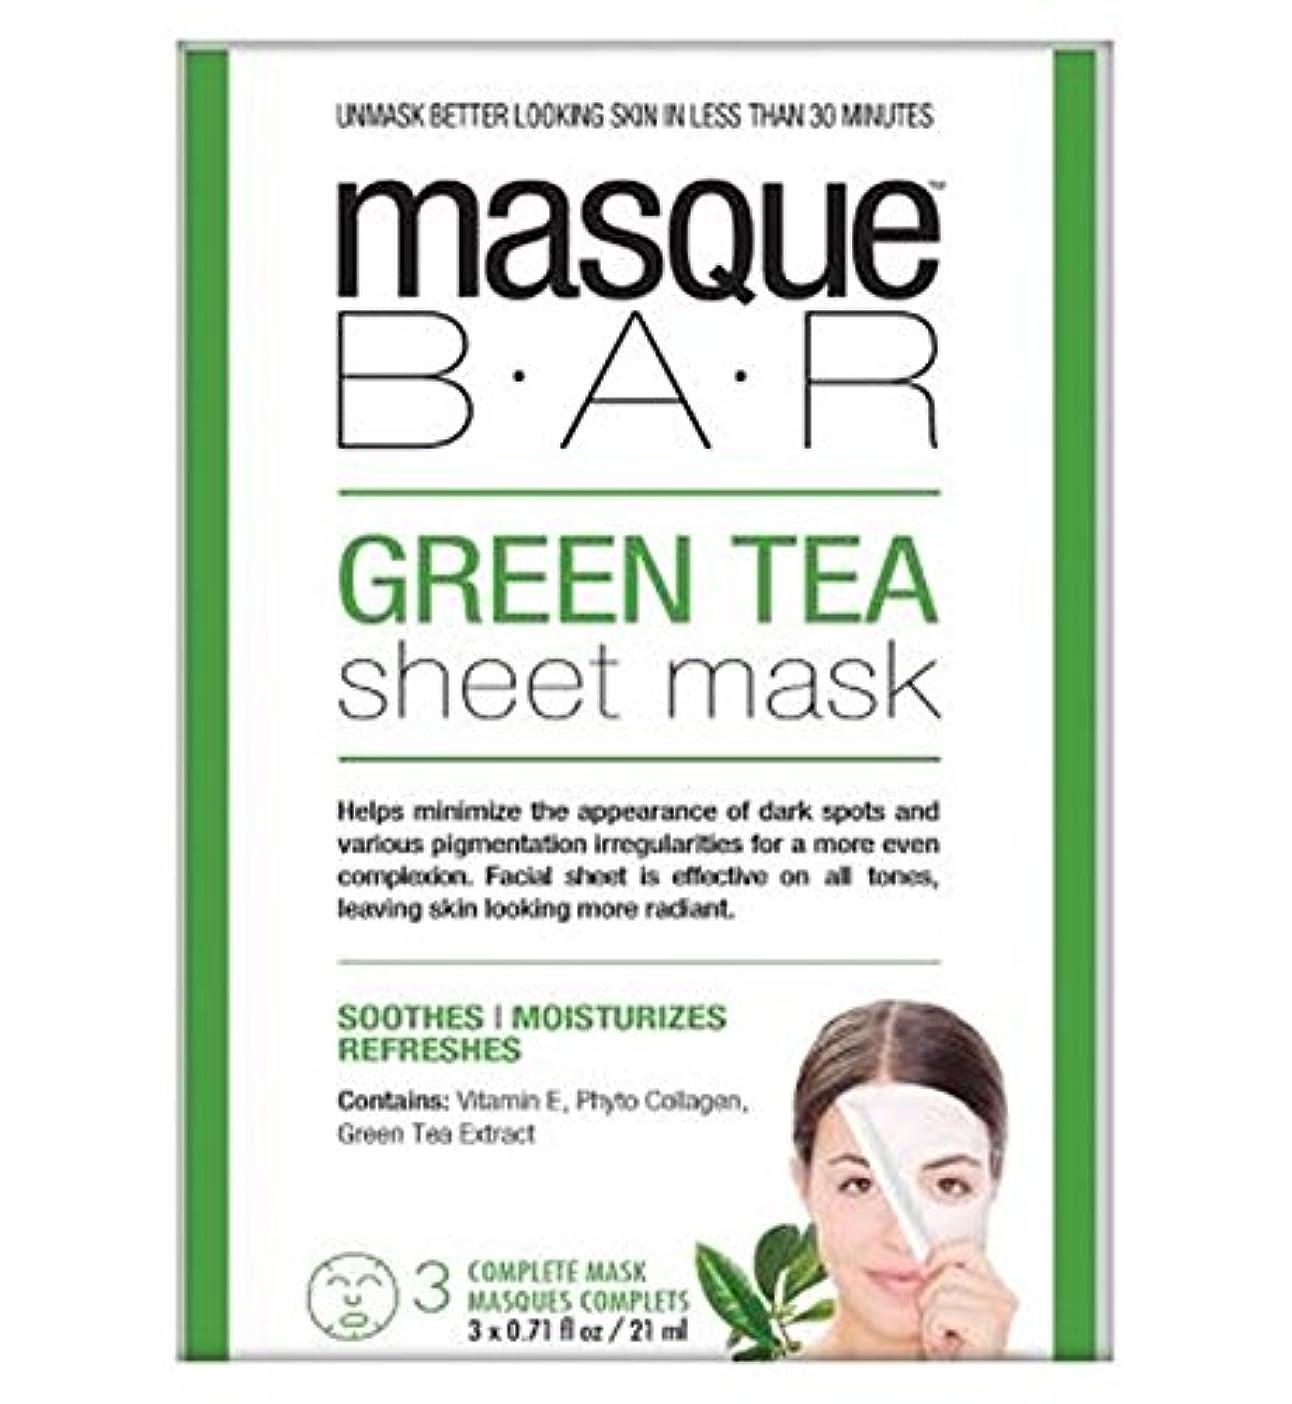 船尾ベッド検索エンジン最適化仮面劇バー緑茶シートマスク - 3完全なマスク (P6B Masque Bar Bt) (x2) - Masque Bar Green Tea Sheet Mask - 3 complete masks (Pack of...